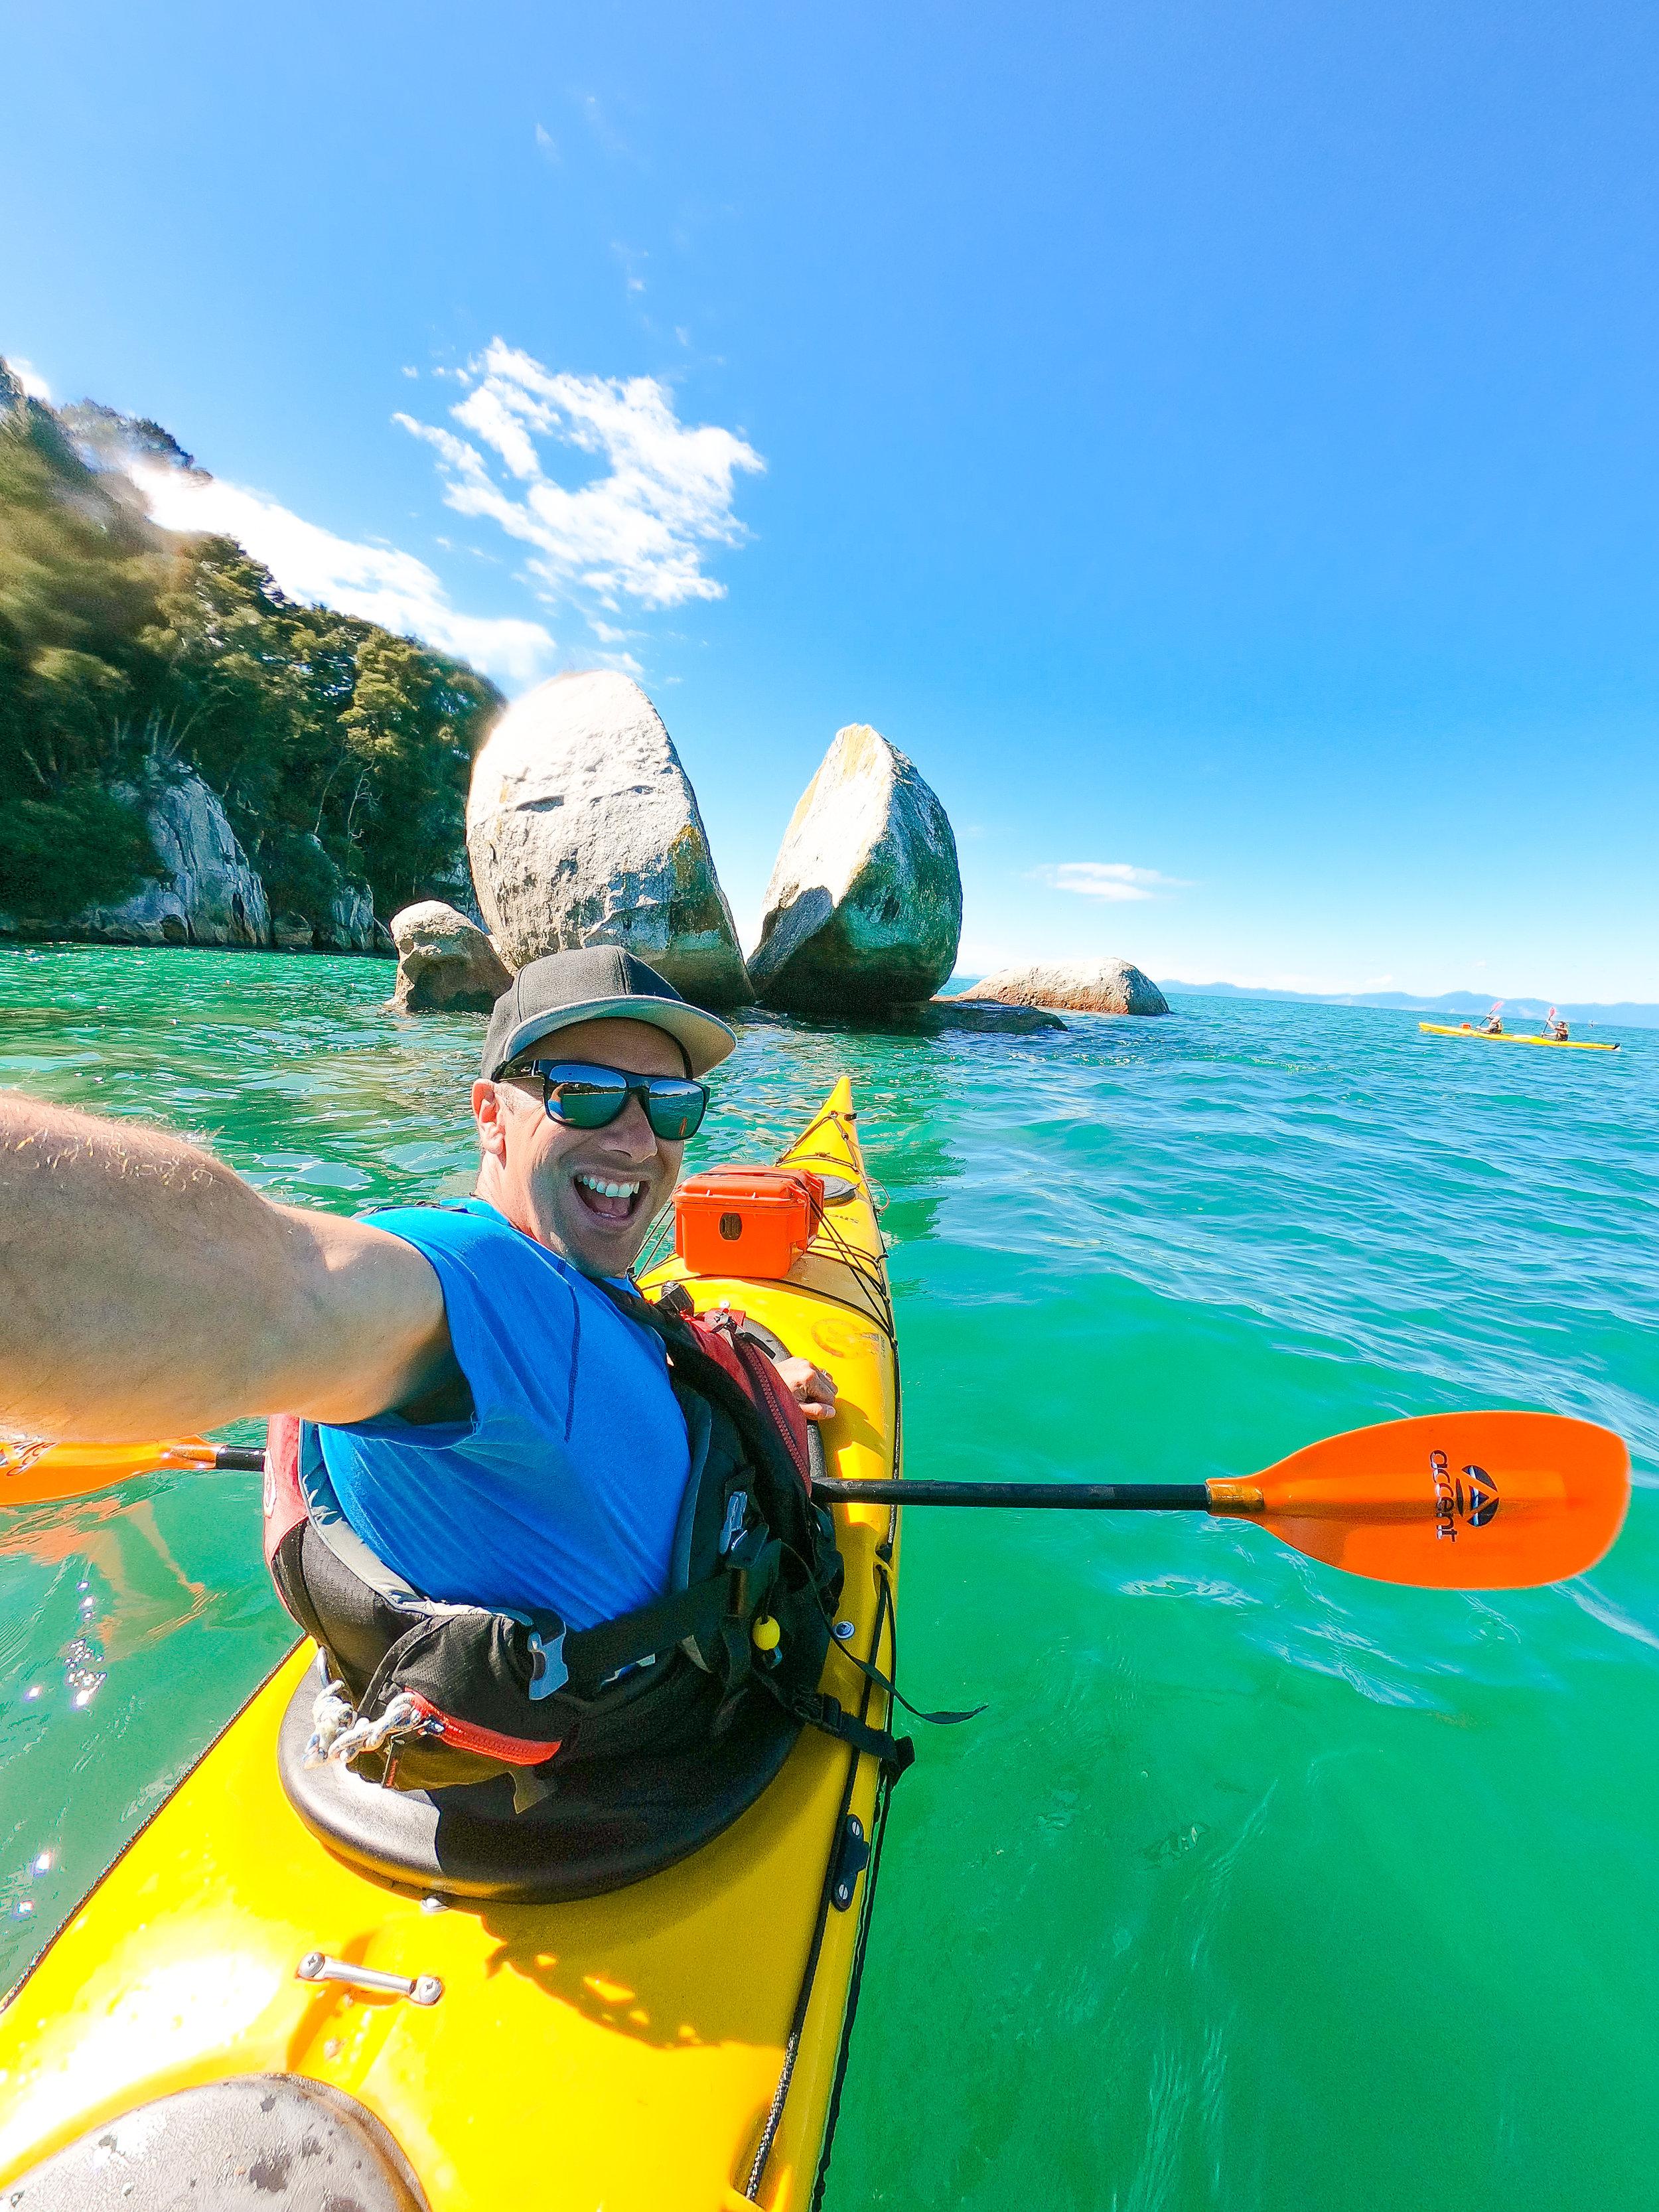 Kayak_Selfie (2 of 12).JPG